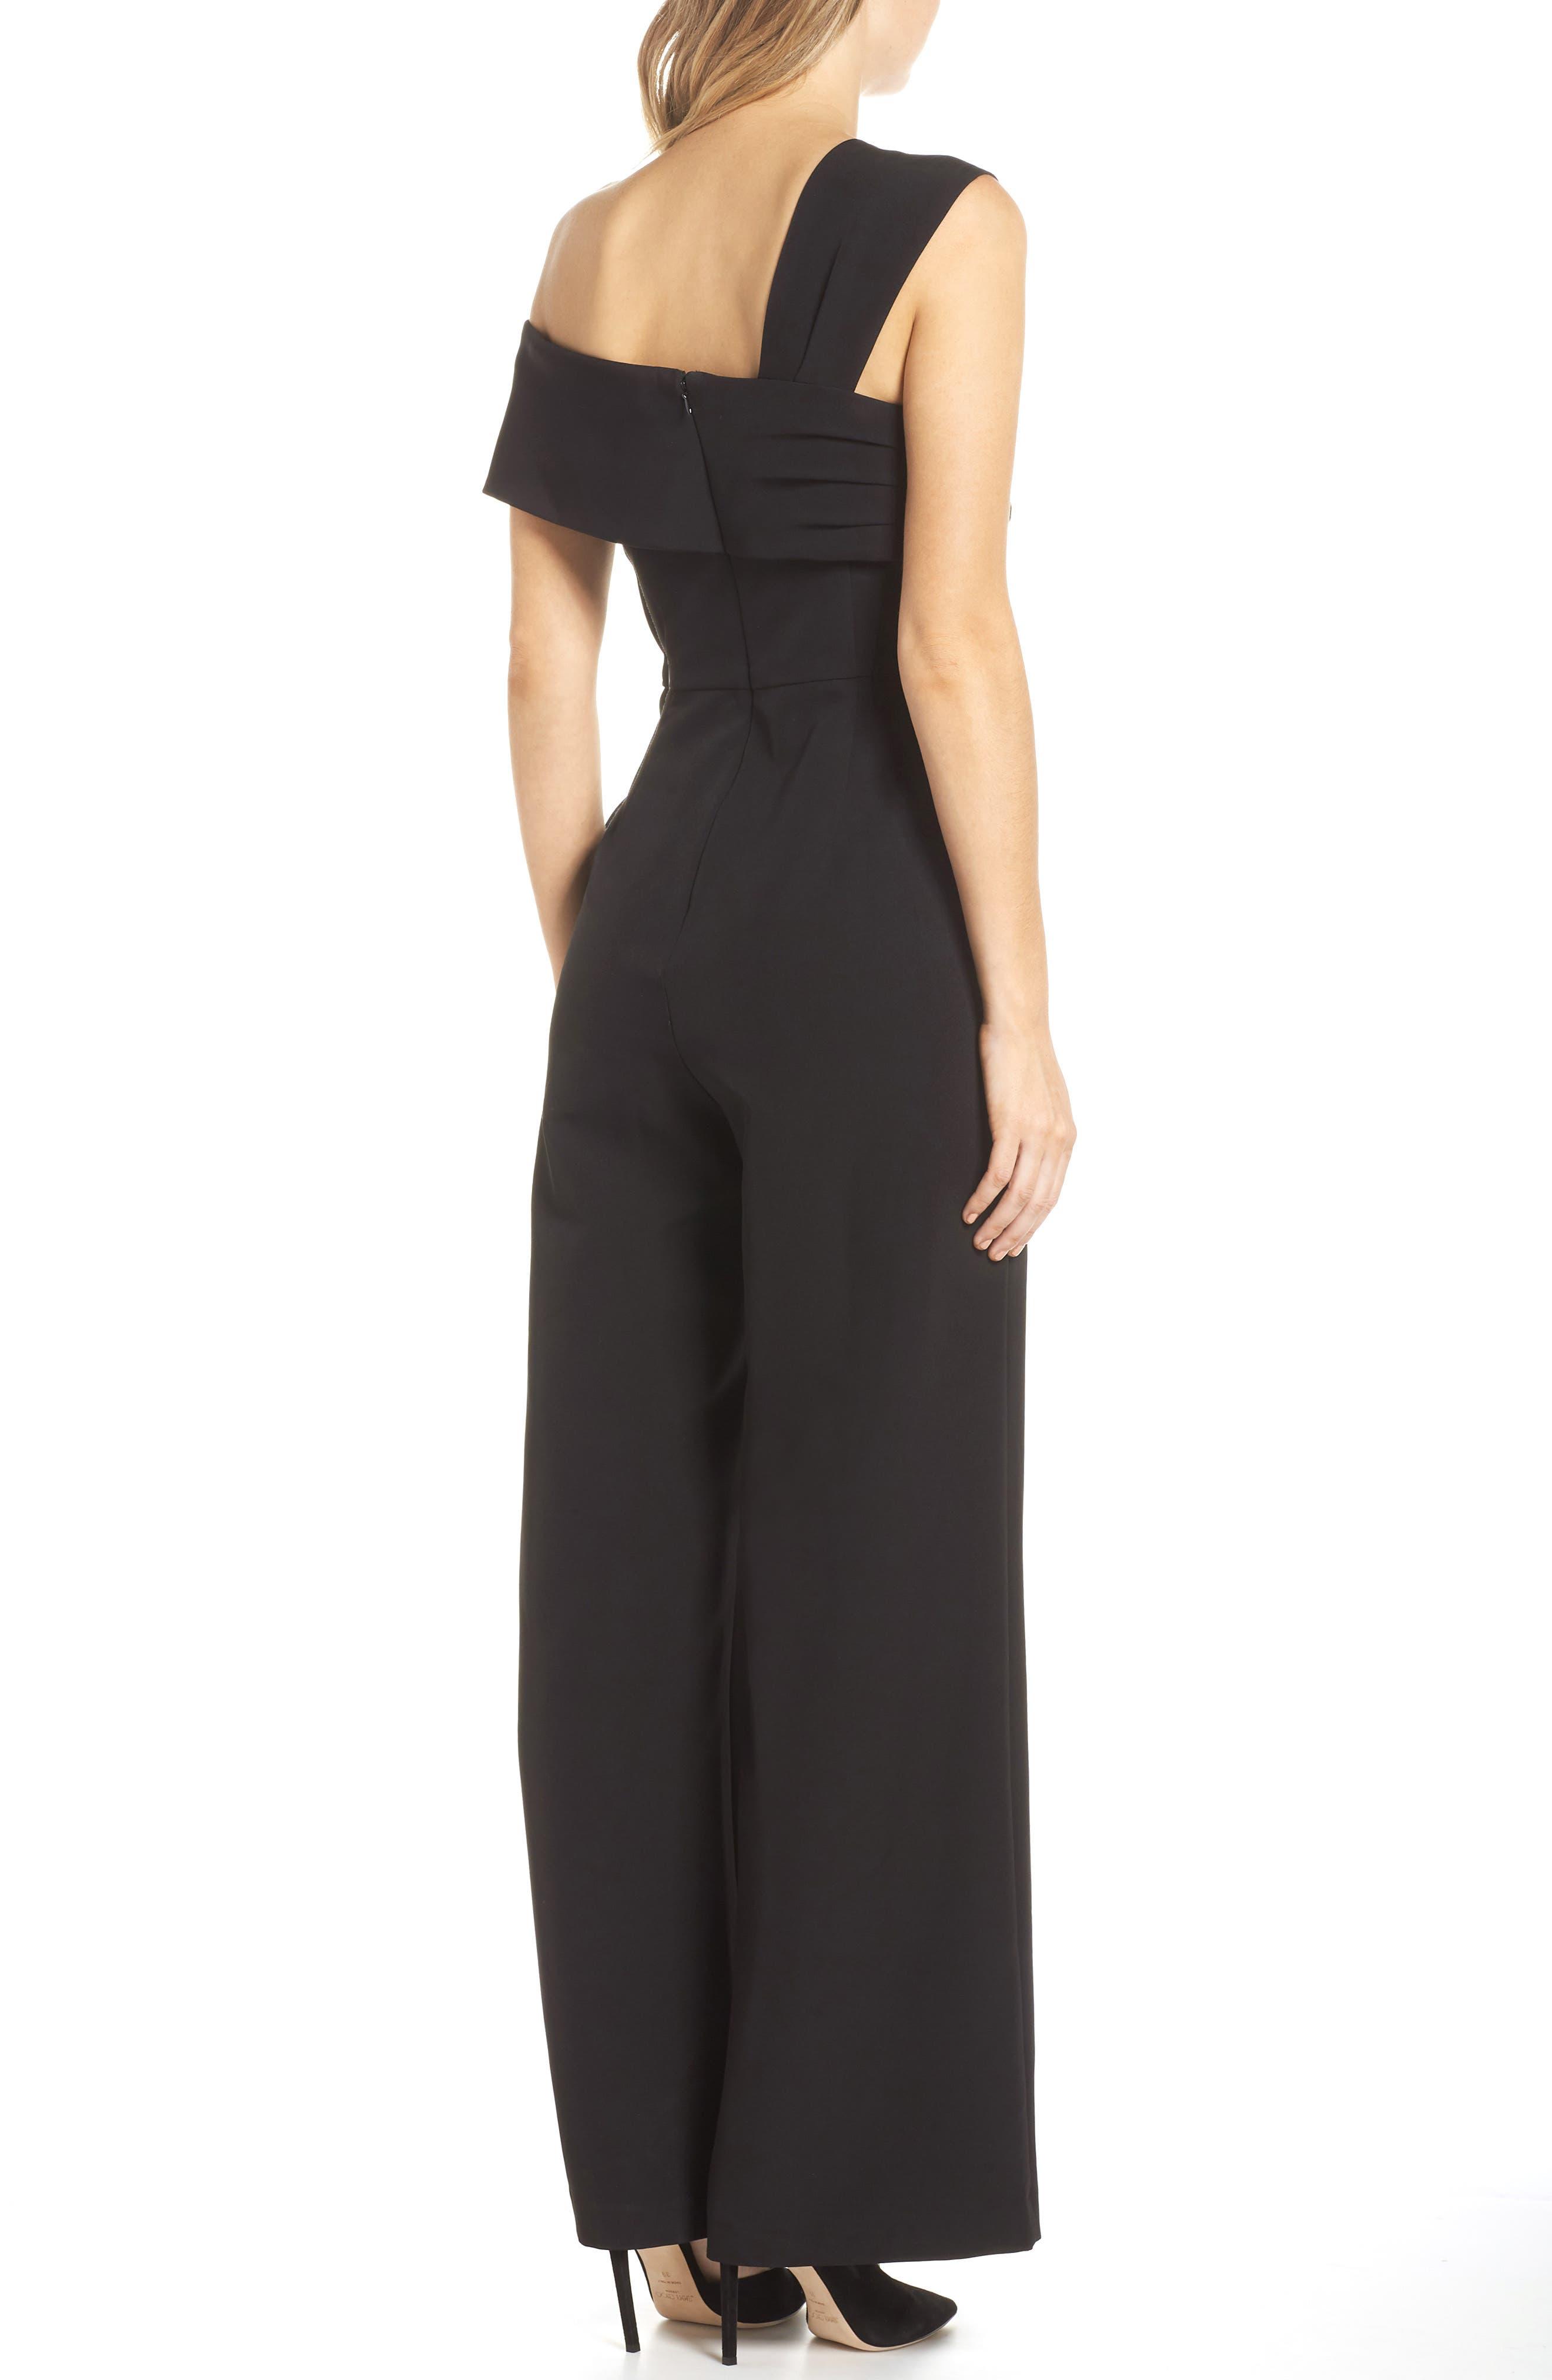 ELIZA J, Asymmetrical Neckline Jumpsuit, Alternate thumbnail 2, color, BLACK